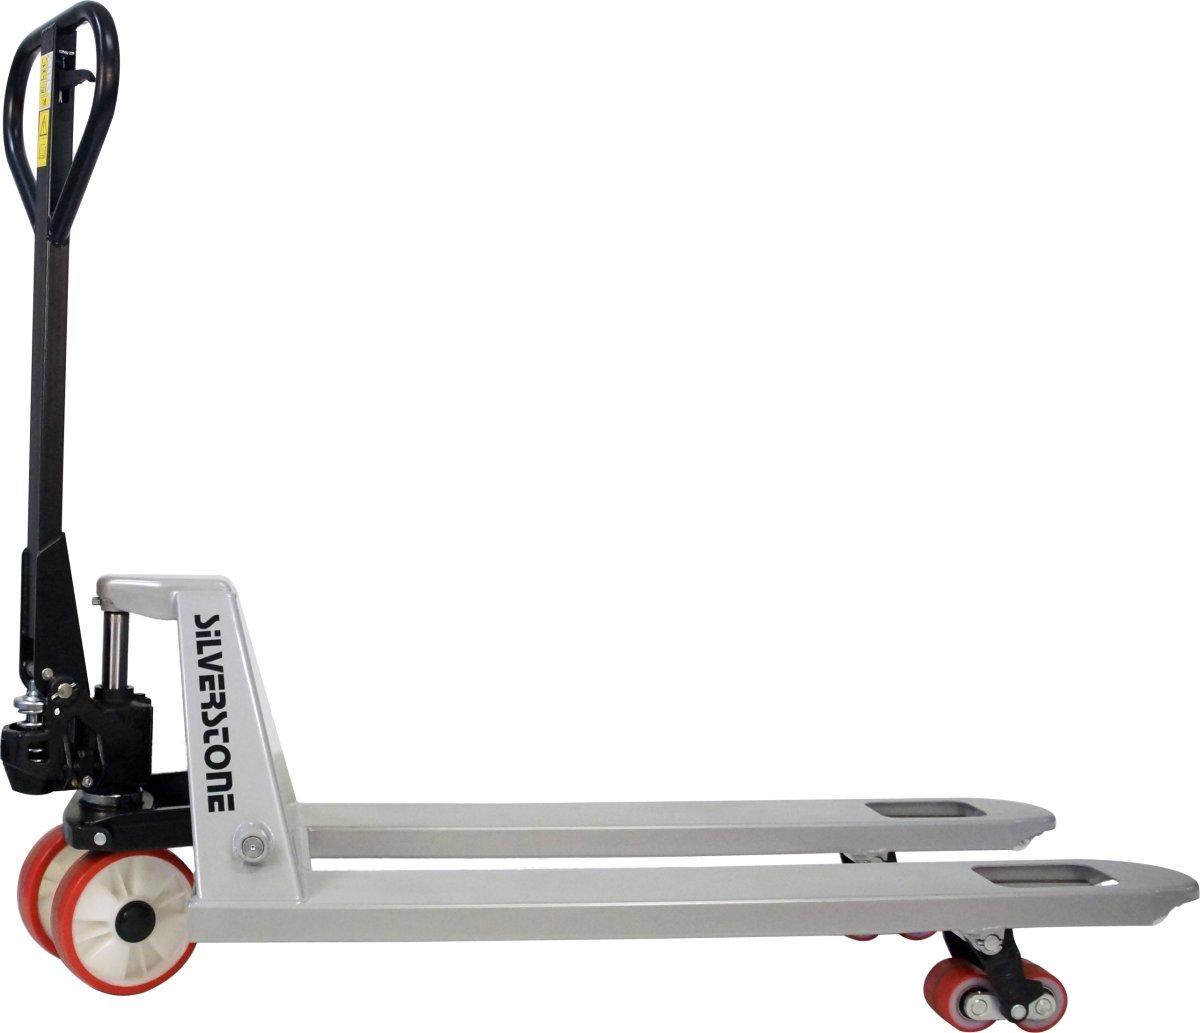 Palleløfter 1150x540 mm, 2500 kg, Boggie PU